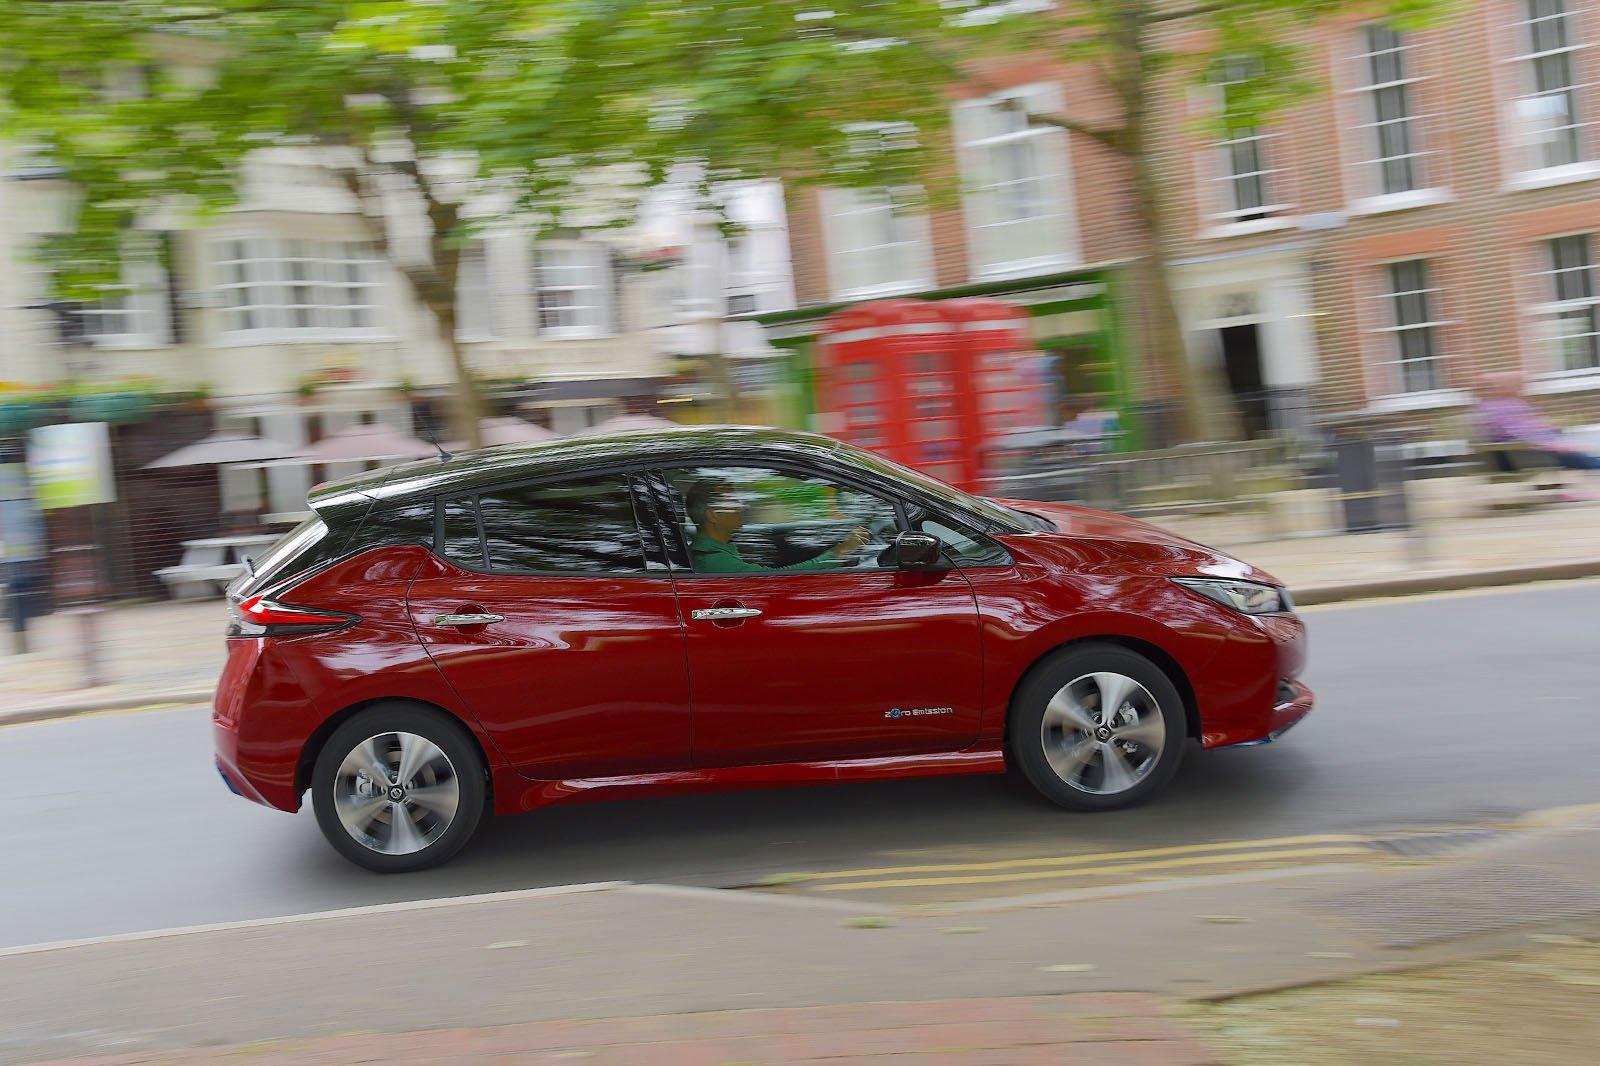 2019 Nissan Leaf 62kWh side profile